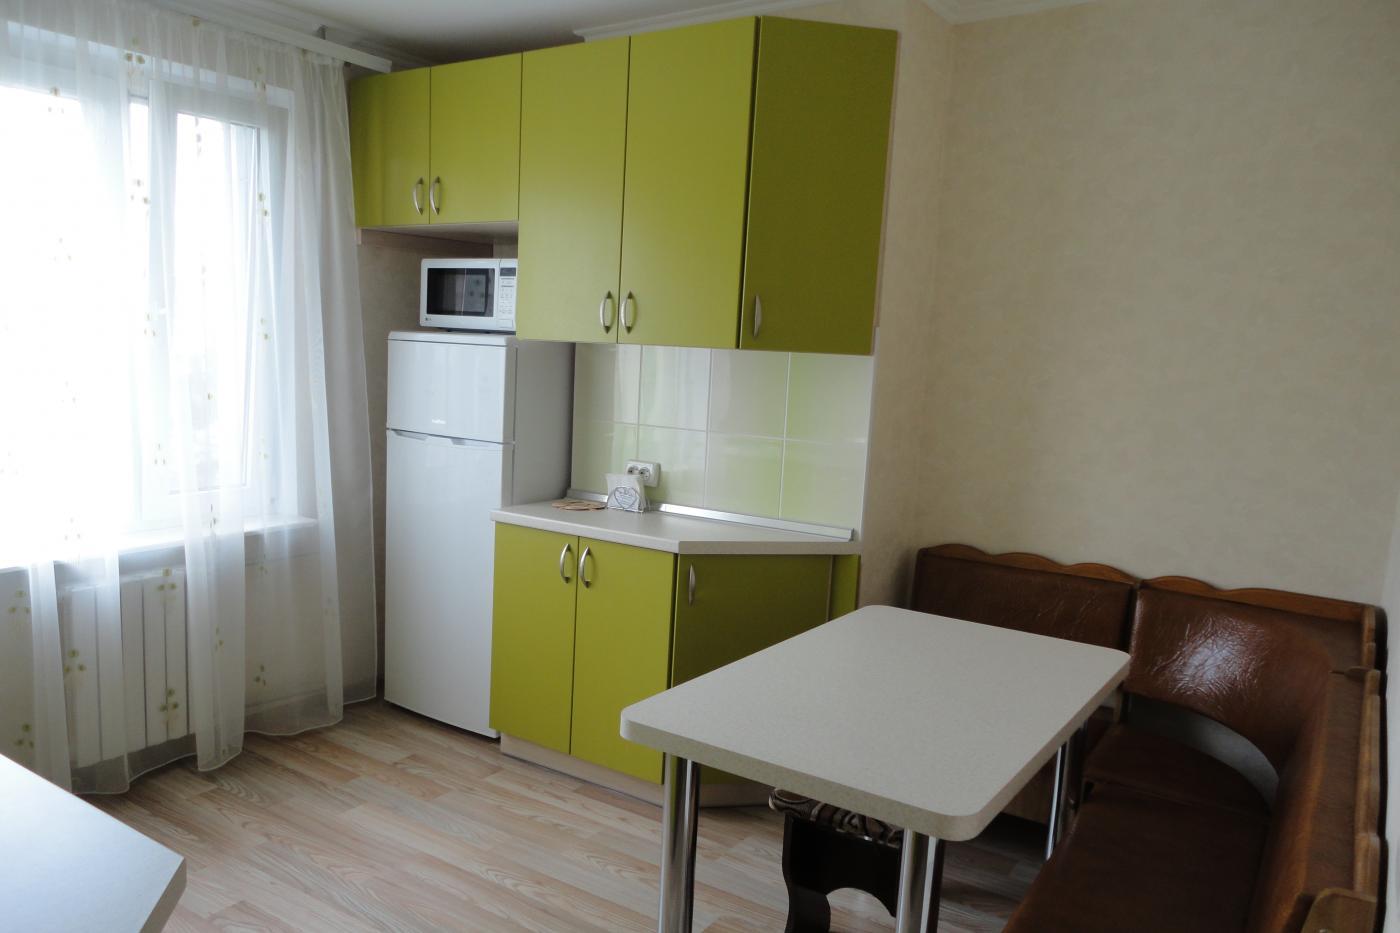 1-комнатная квартира посуточно (вариант № 626), ул. Героев Бреста улица, фото № 8